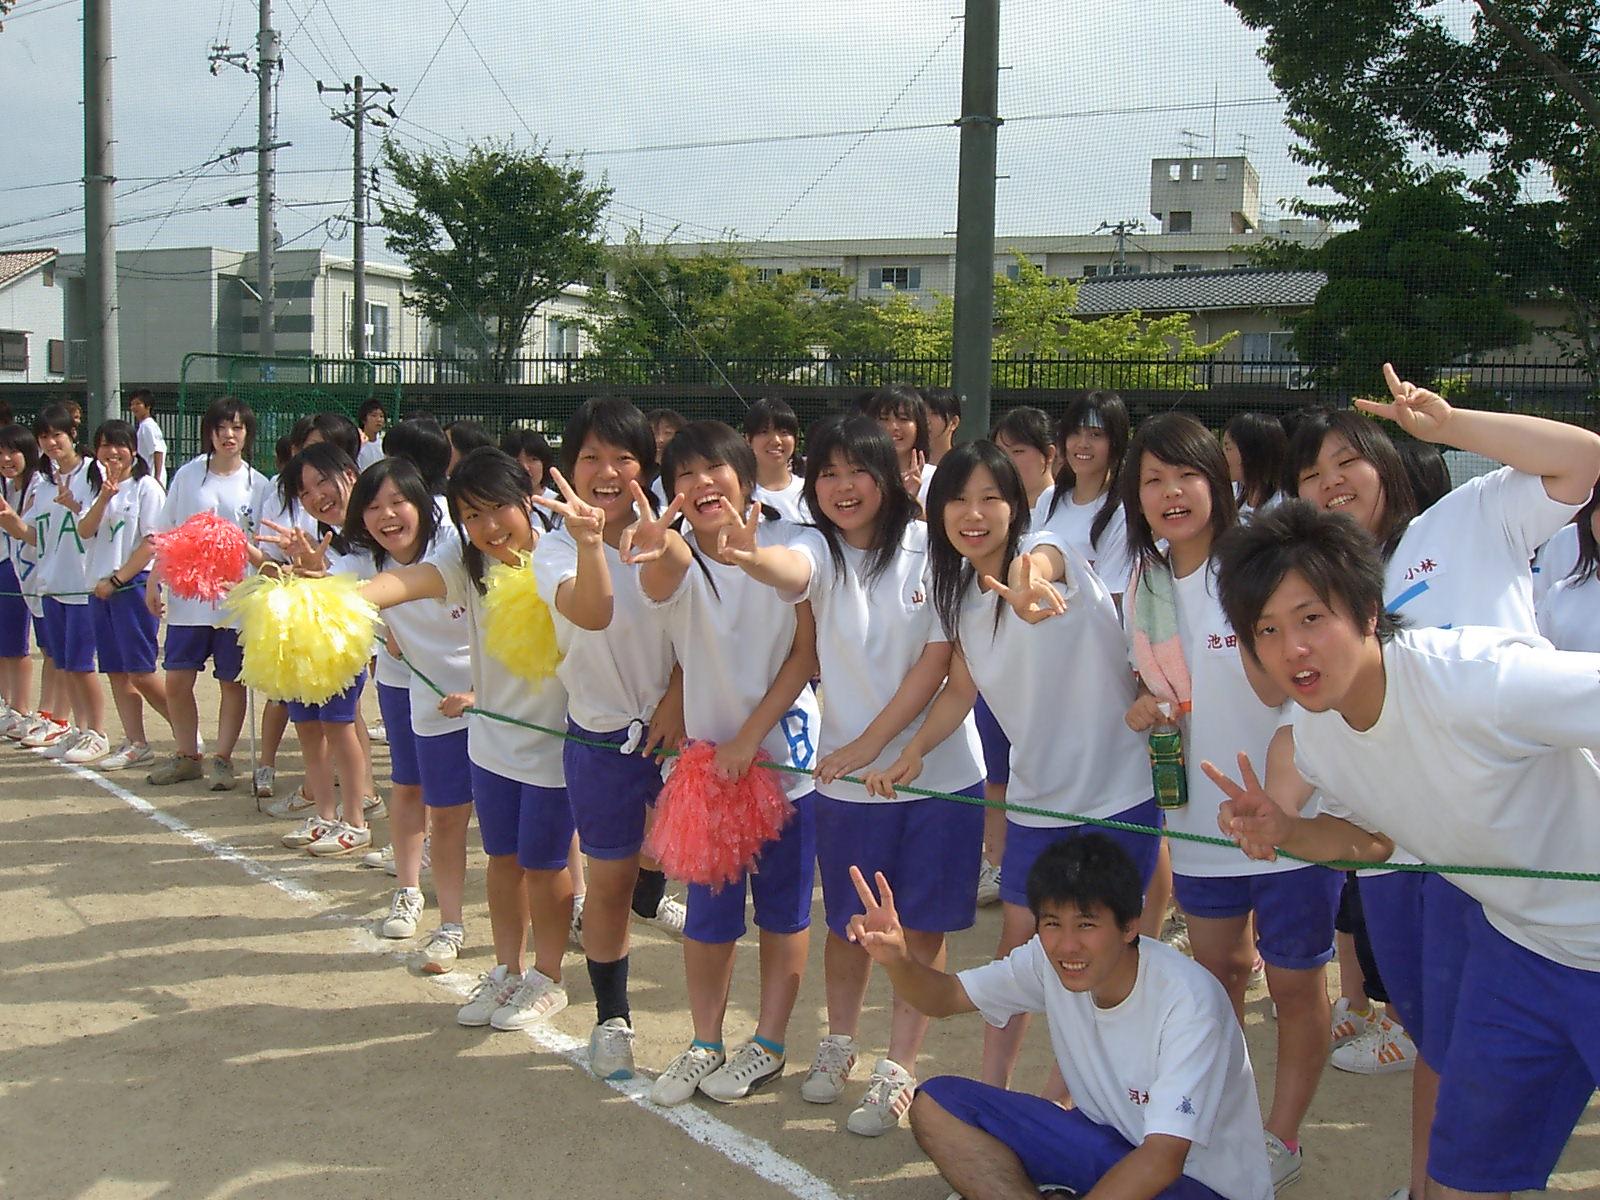 英語 小学英語 教材 : 体育高等学校 - JapaneseClass.jp